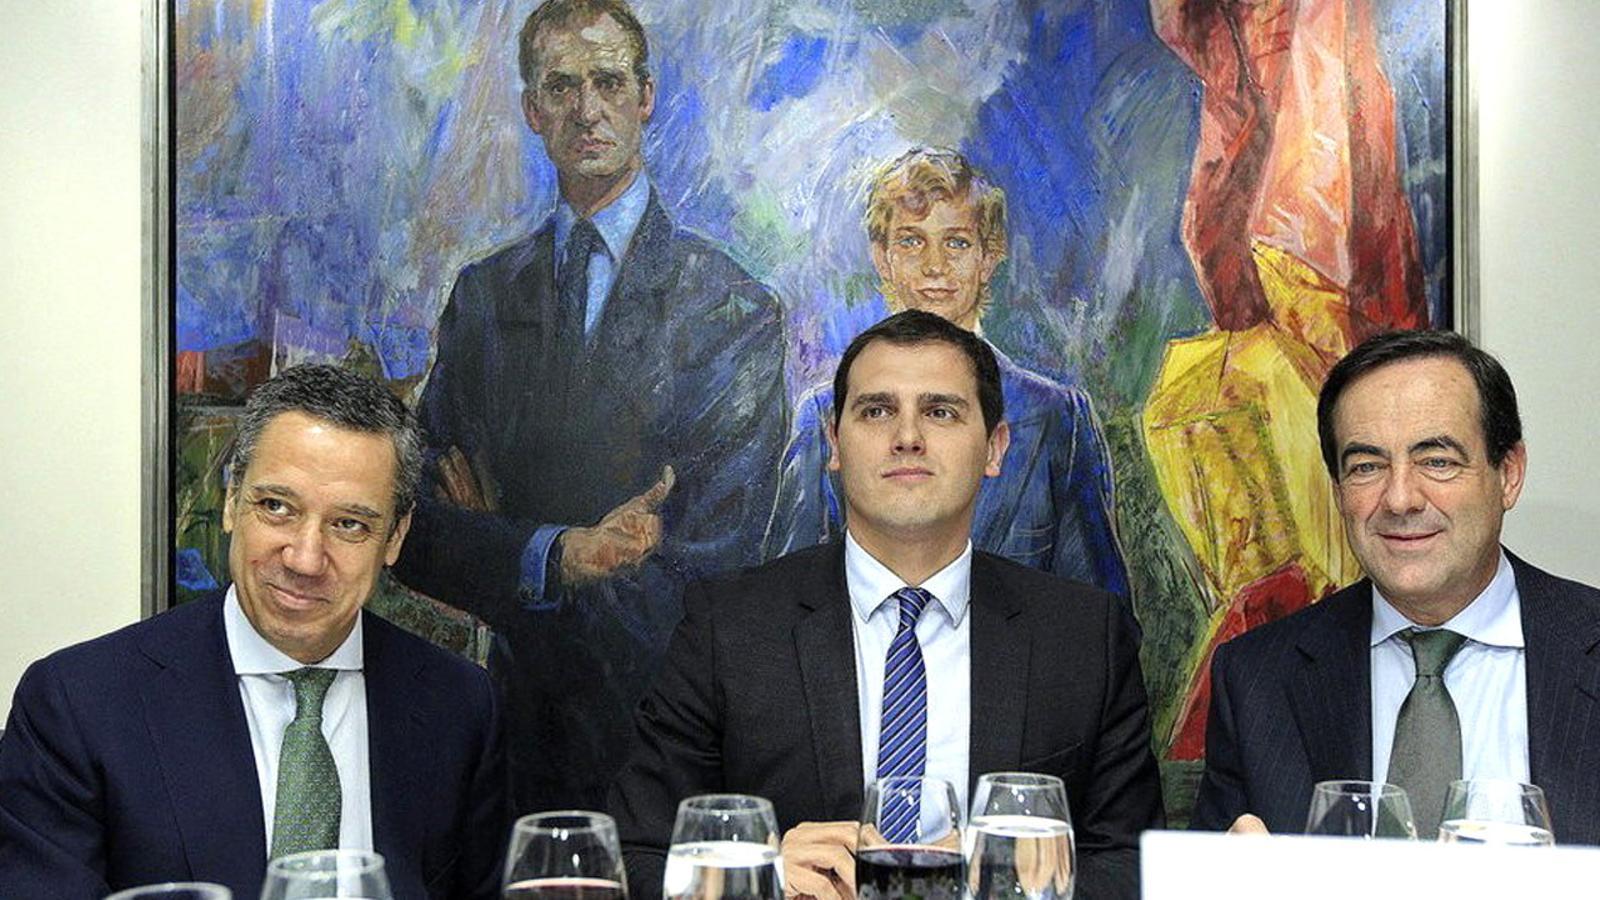 L'anàlisi d'Antoni Bassas: 'Zaplana, exministre d'Aznar i padrí de Rivera'